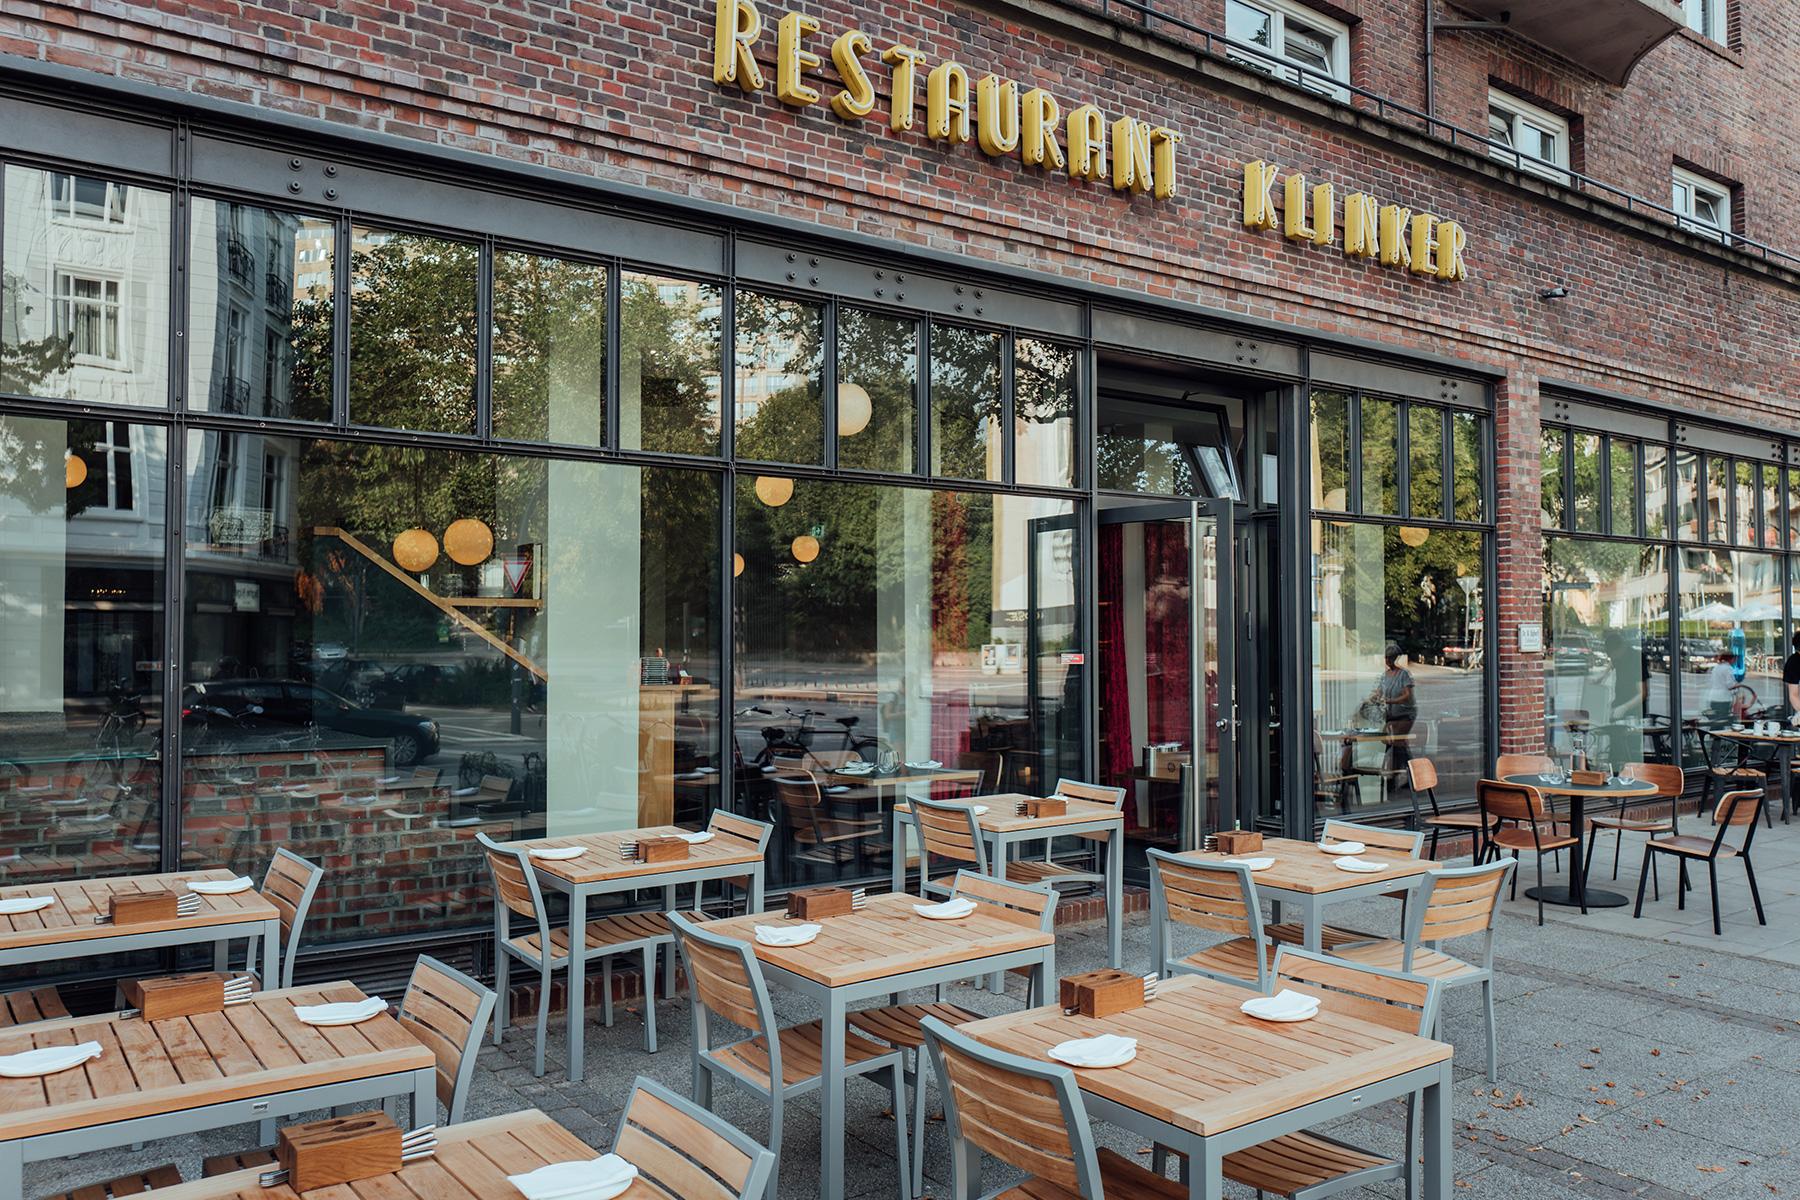 Restaurant Klinker Draußenplätze